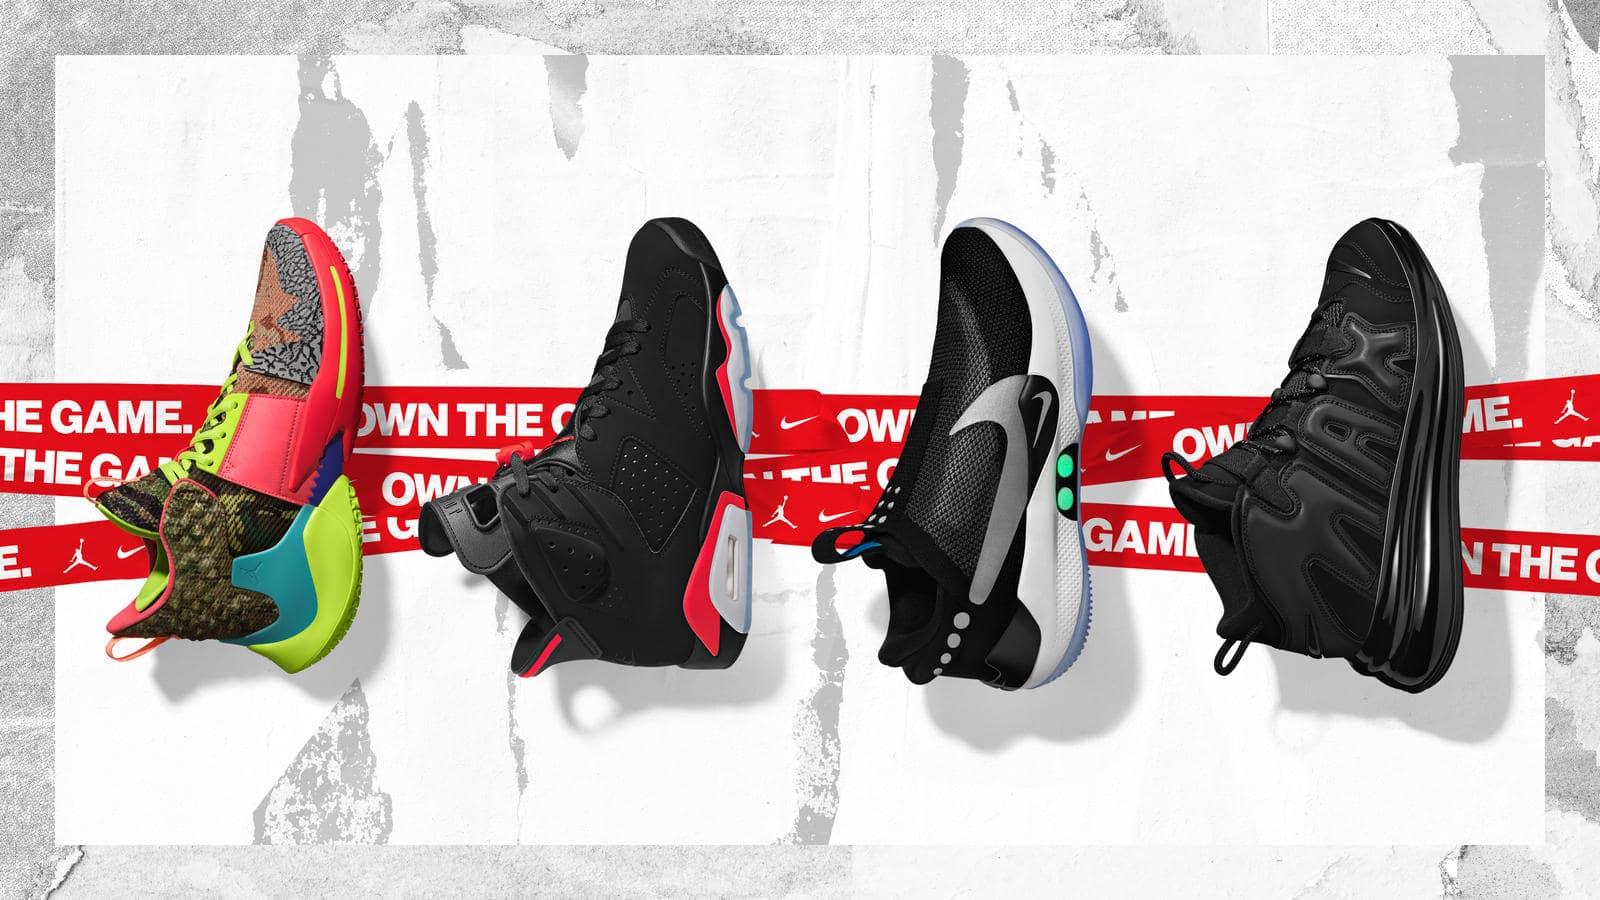 Ngắm nhìn các siêu phẩm All Star 2019 từ Nike & Jordan Brand